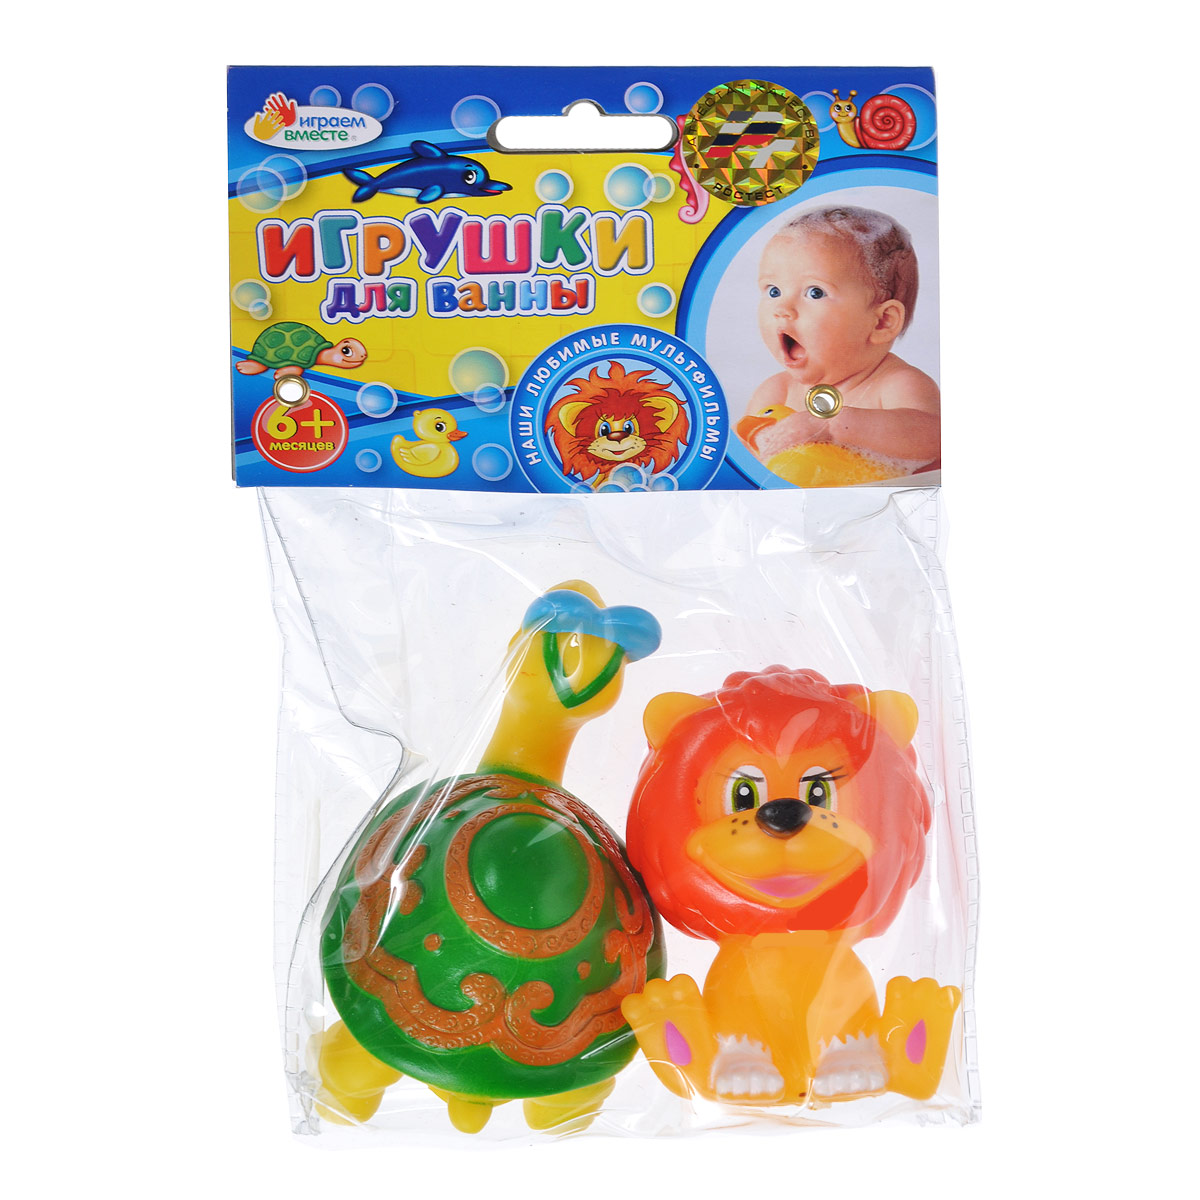 Набор игрушек для ванны Играем вместе Львенок и Черепаха, 2 шт набор игрушек для ванны играем вместе львенок и черепаха